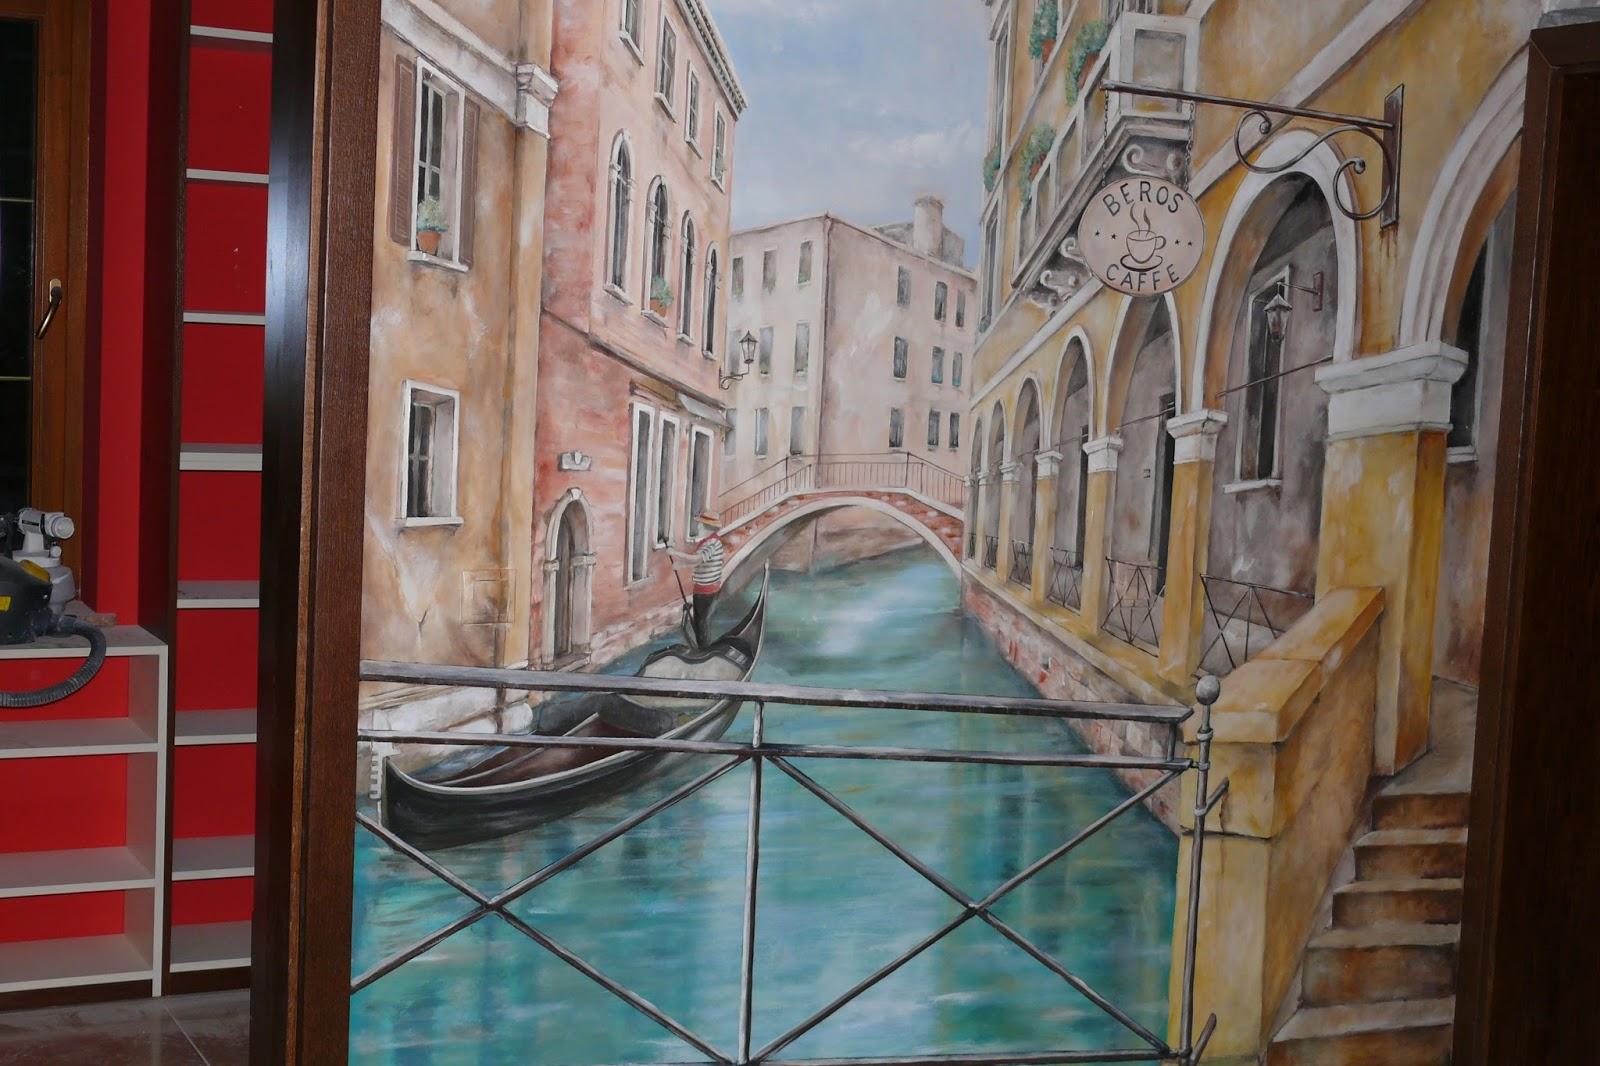 Malowanie obrazu na ścianie w korytaża klatki schodowej, malarstwo ścienne